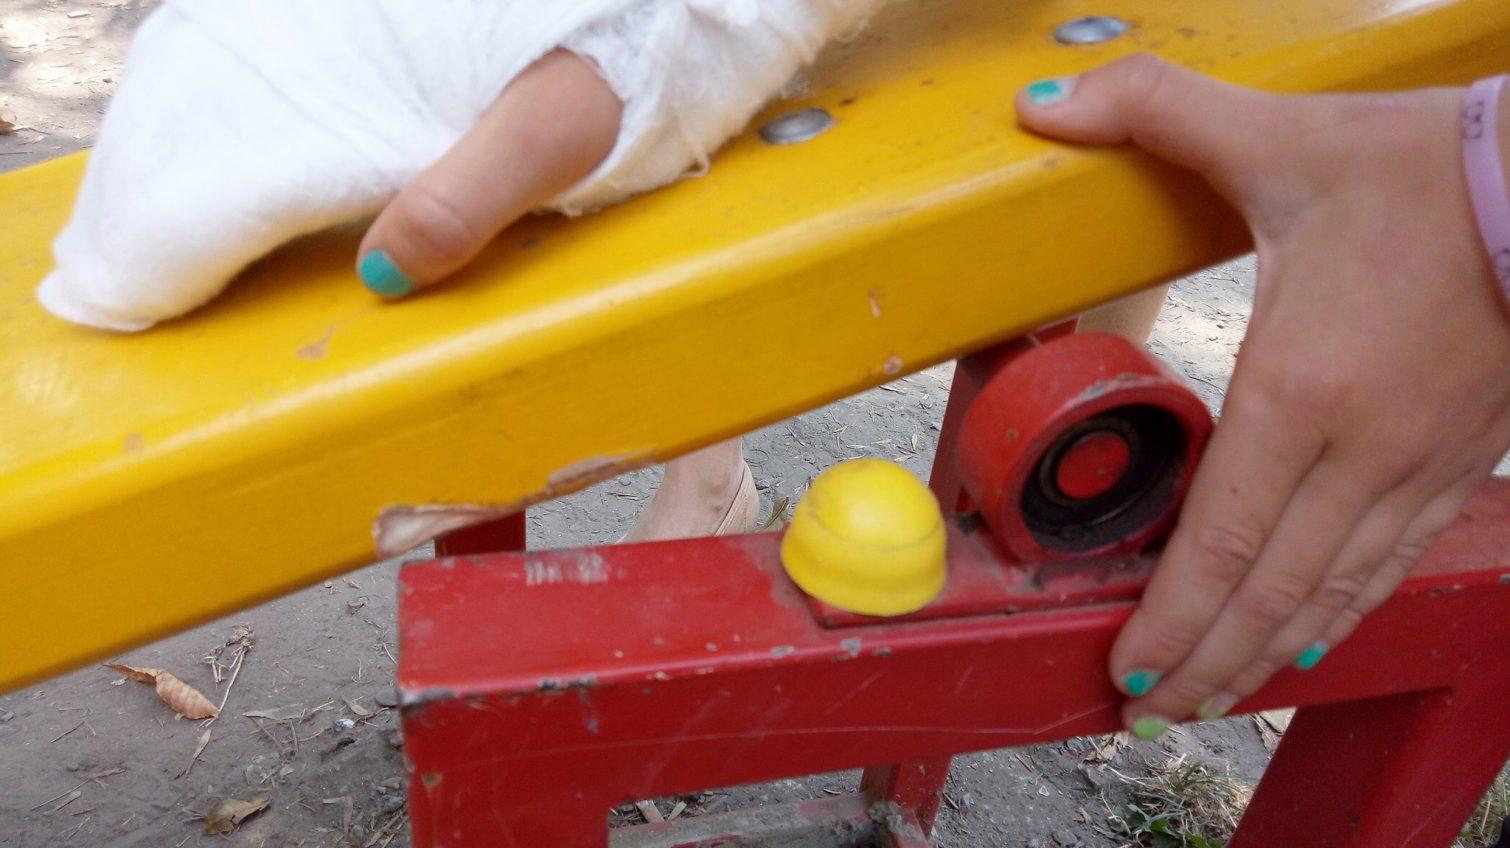 Травмоопасные «качели-ножницы» установили во дворе Малиновского района – школьнице чуть не отрезало палец «фото»